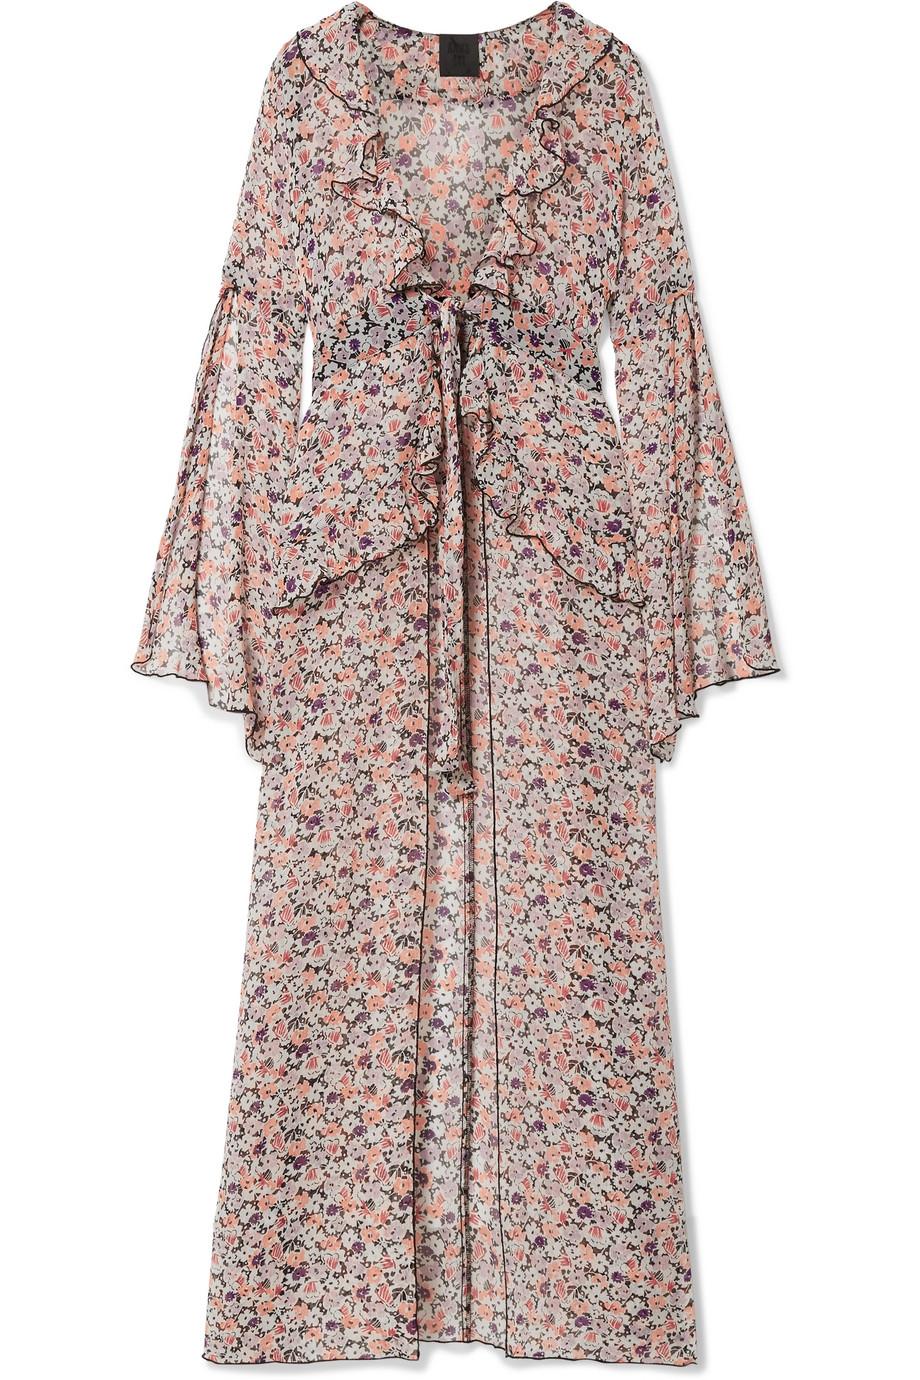 Blusa abierta de Anna Sui